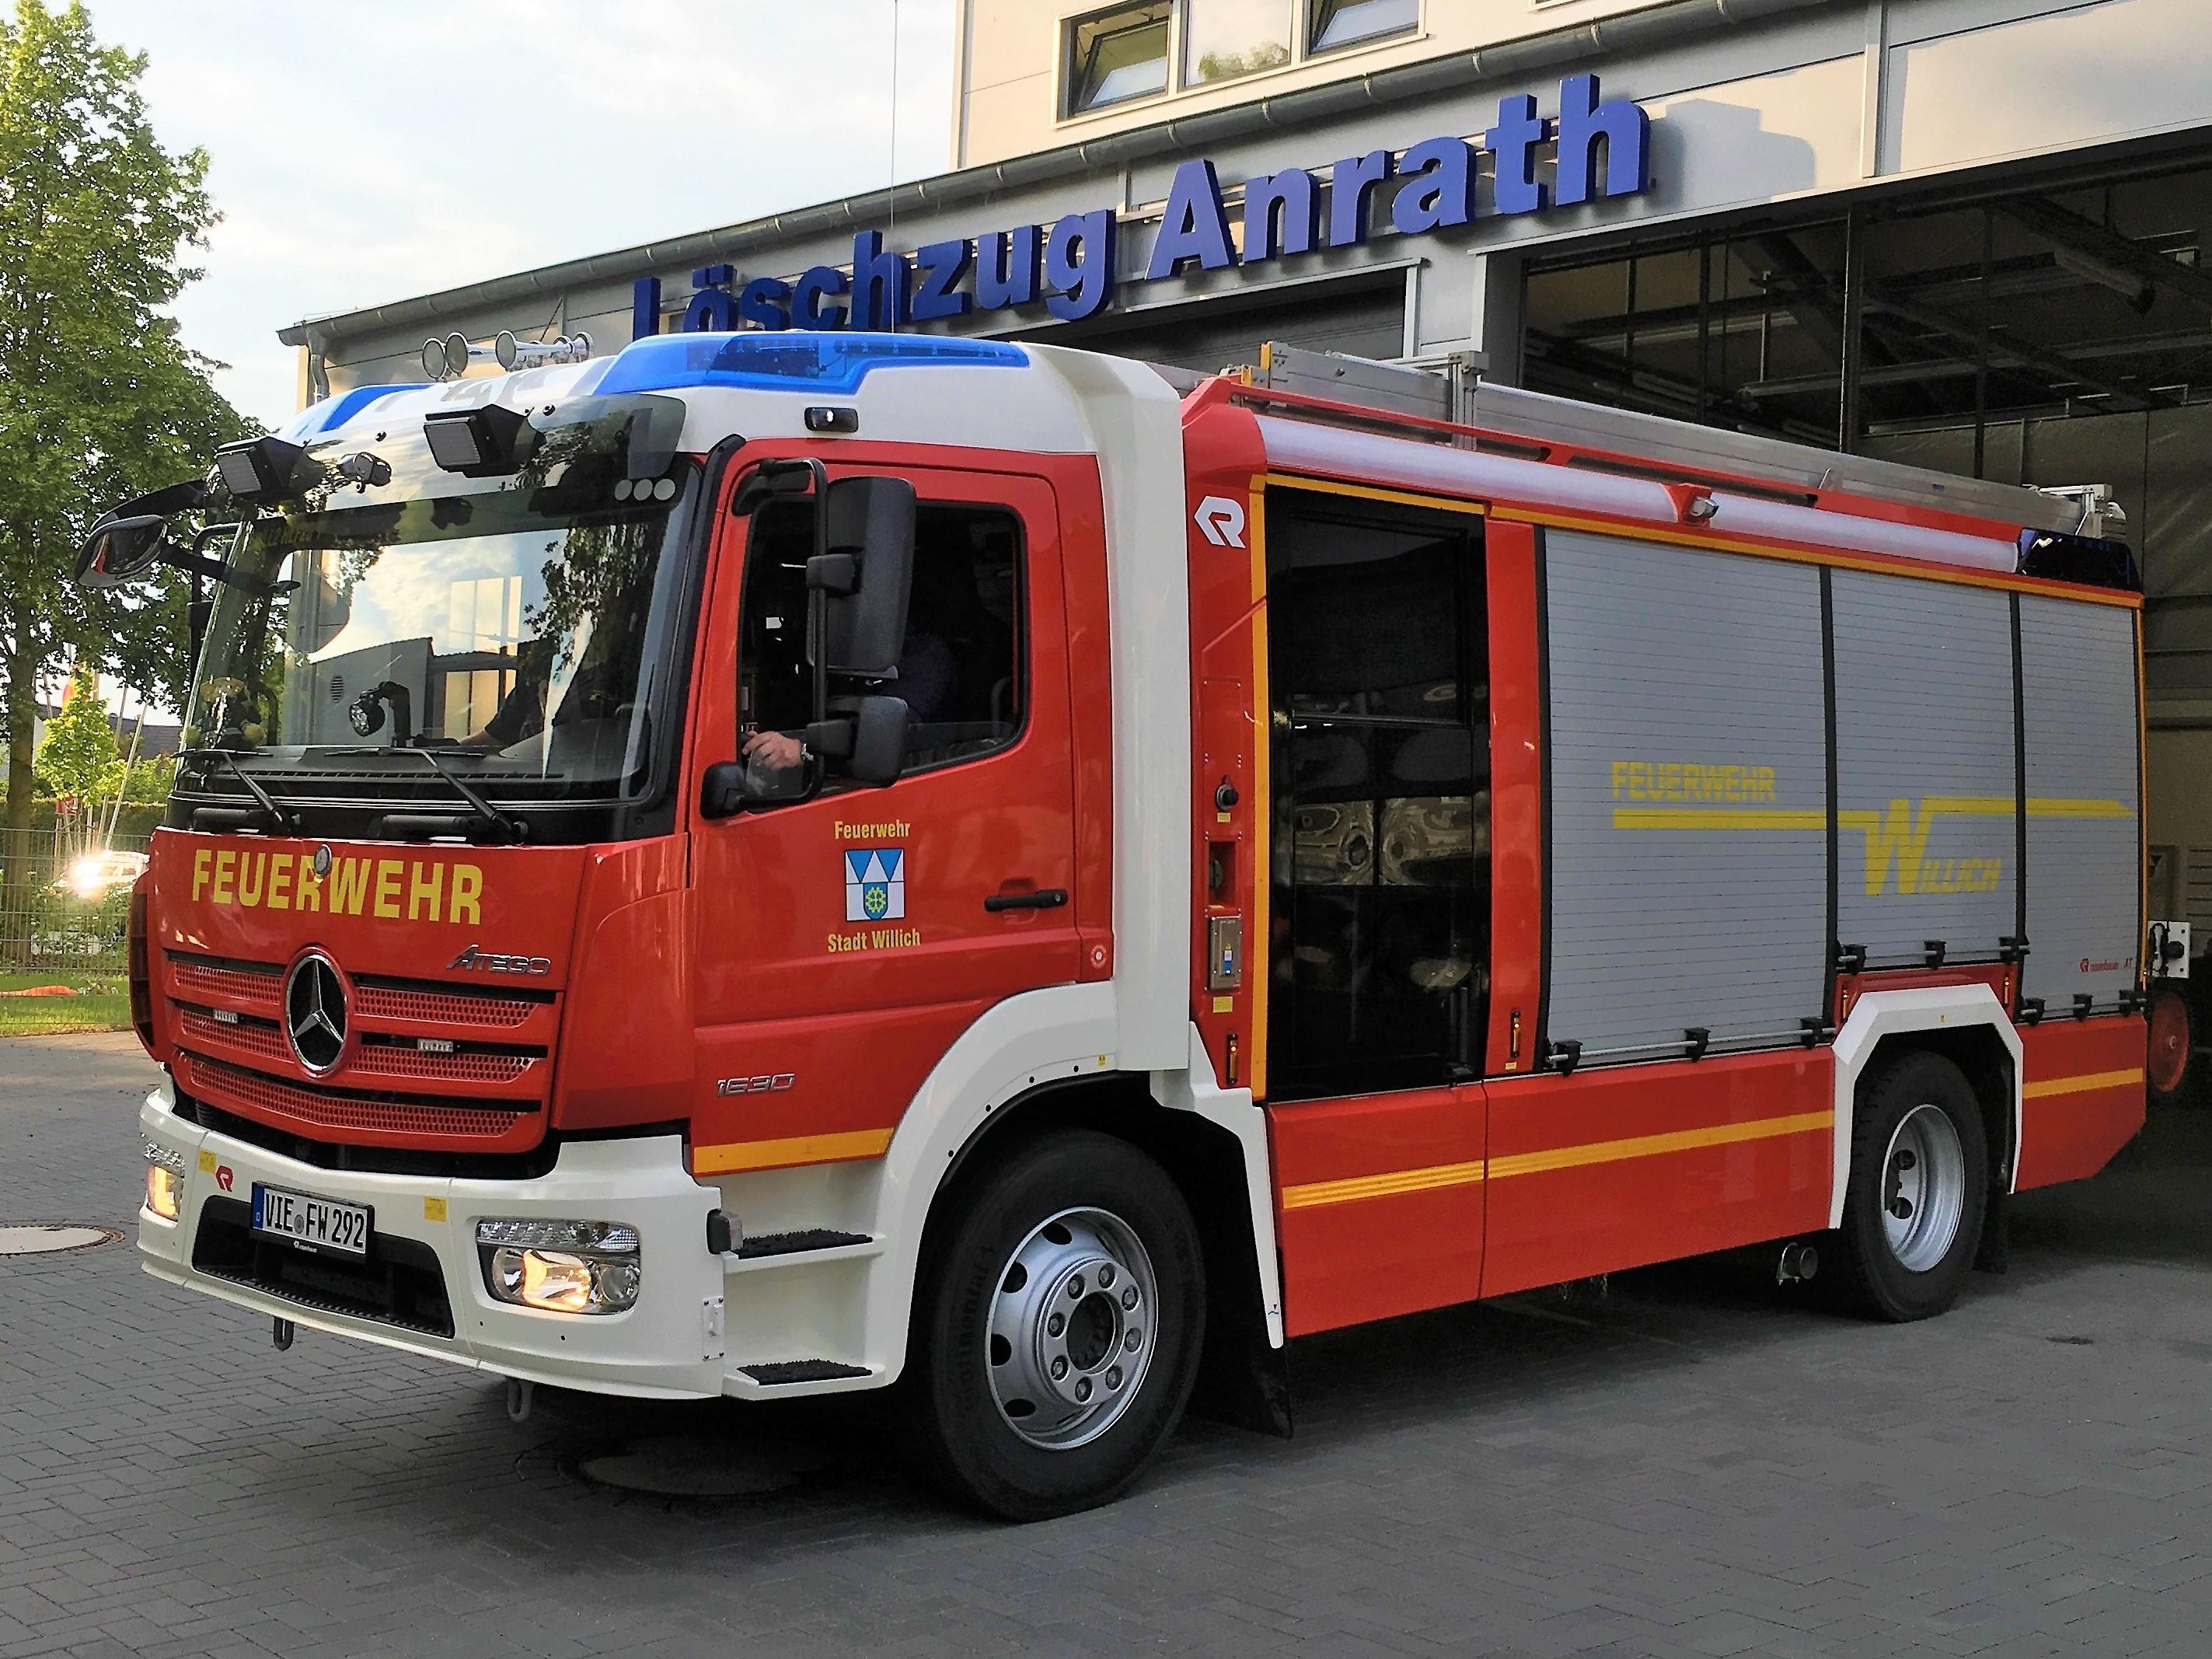 W2 Hilfeleistungslöschfahrzeug 20-1